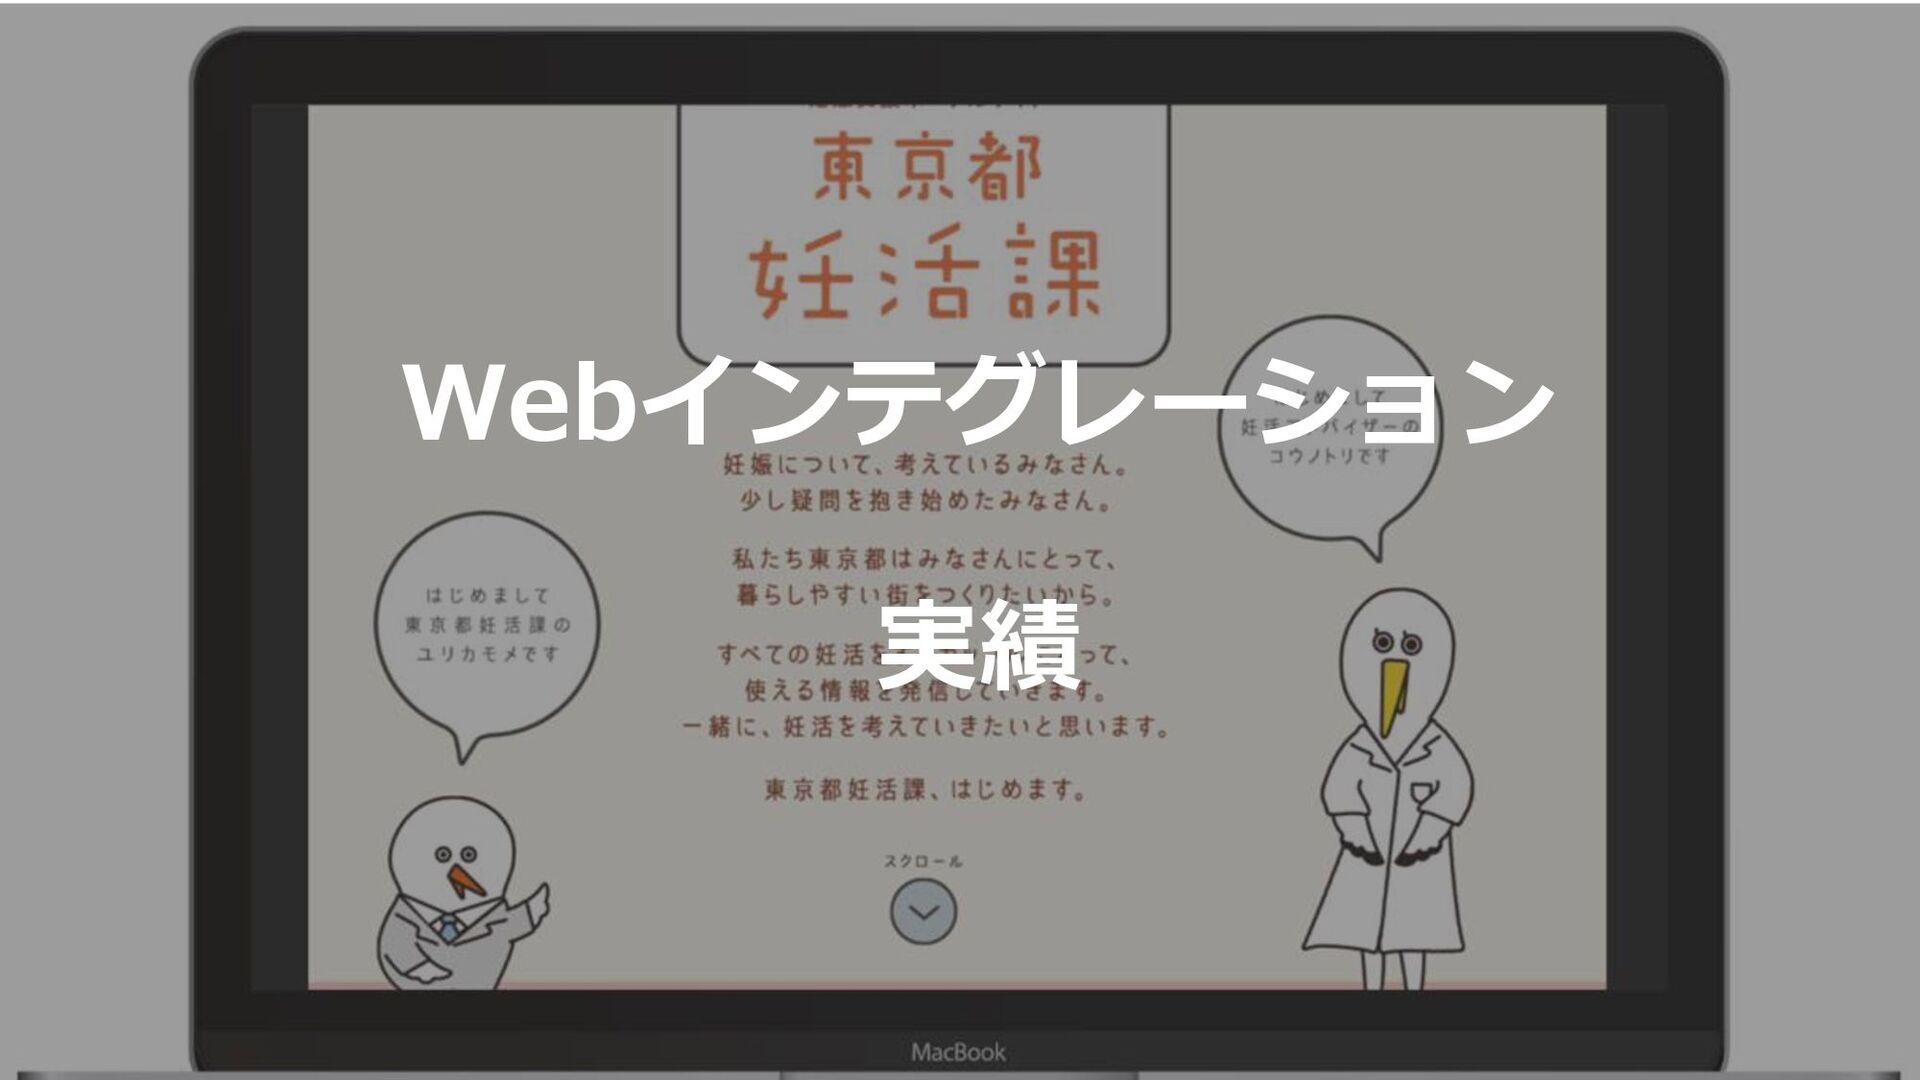 Webインテグレーション 事業部 ©EWM Factory,Ltd.2020.All Righ...